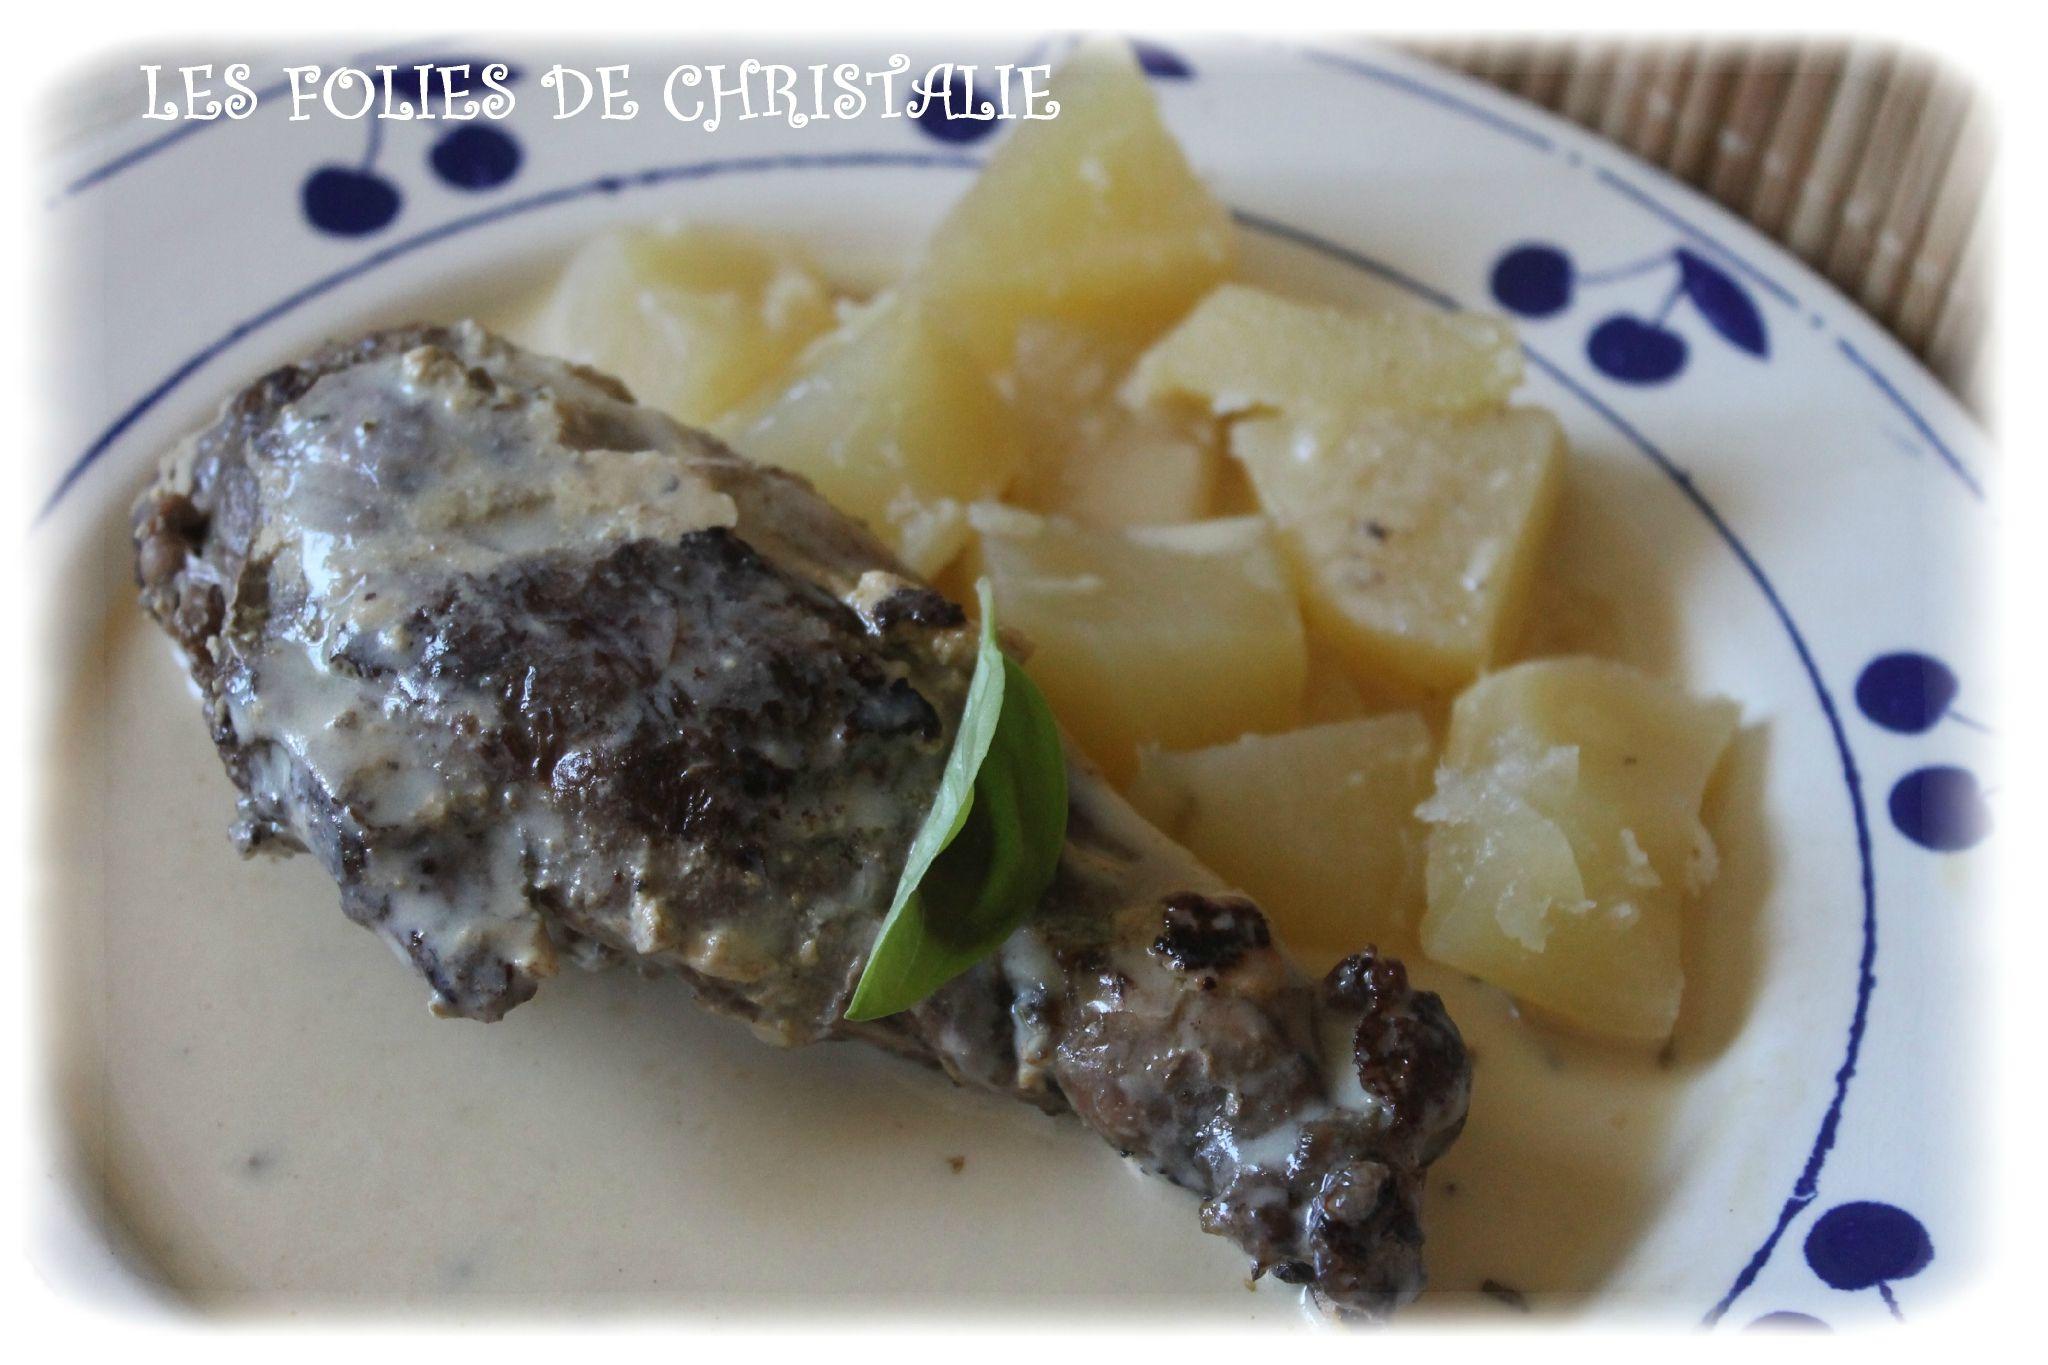 Conejo a la mostaza con patatas.  Lapin à la moutarde 6